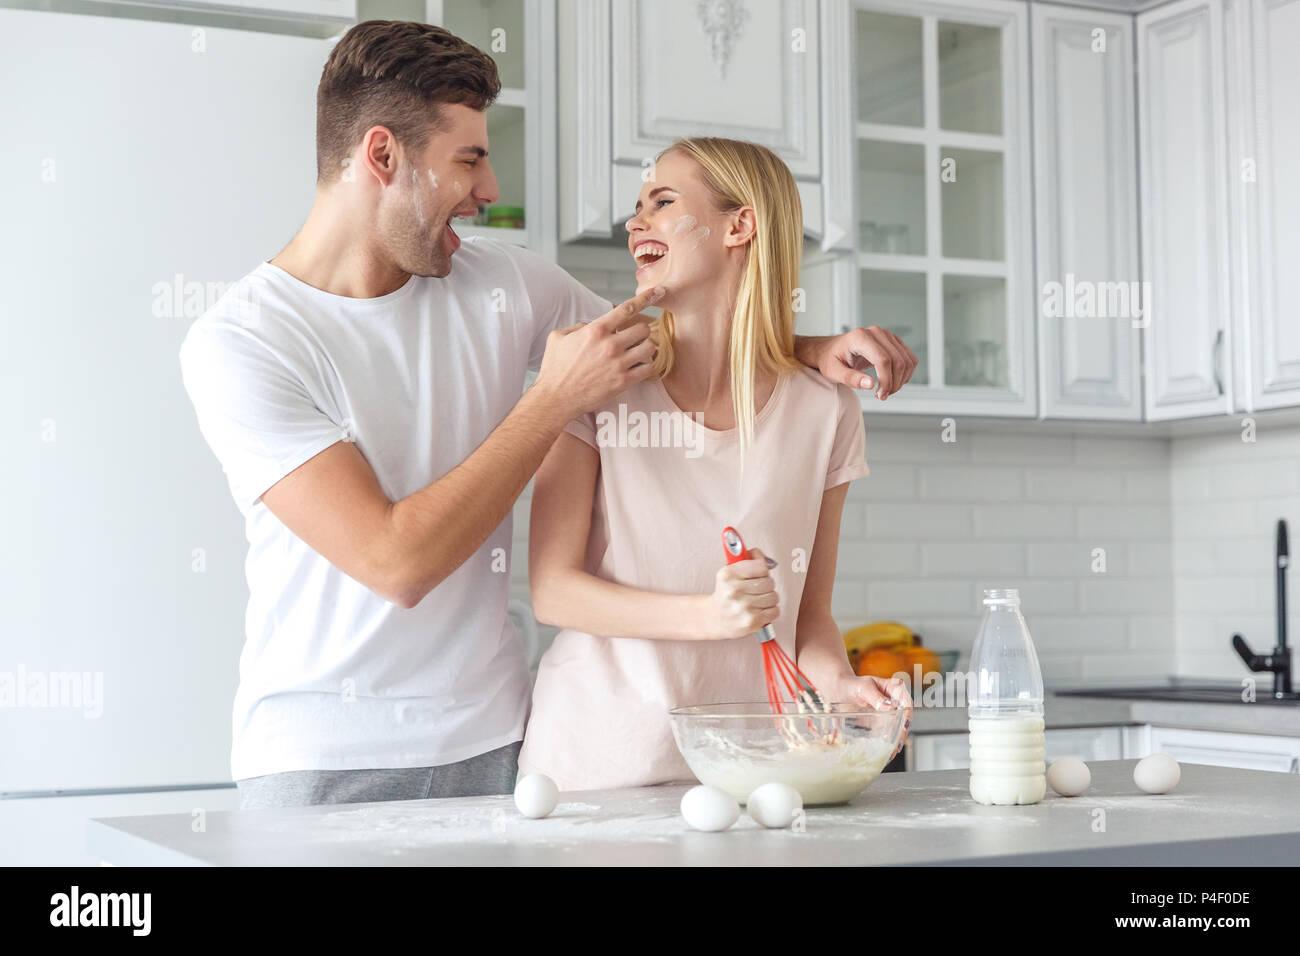 Pareja amorosa cocinar el desayuno junto a la cocina en fin de semana por la mañana Foto de stock